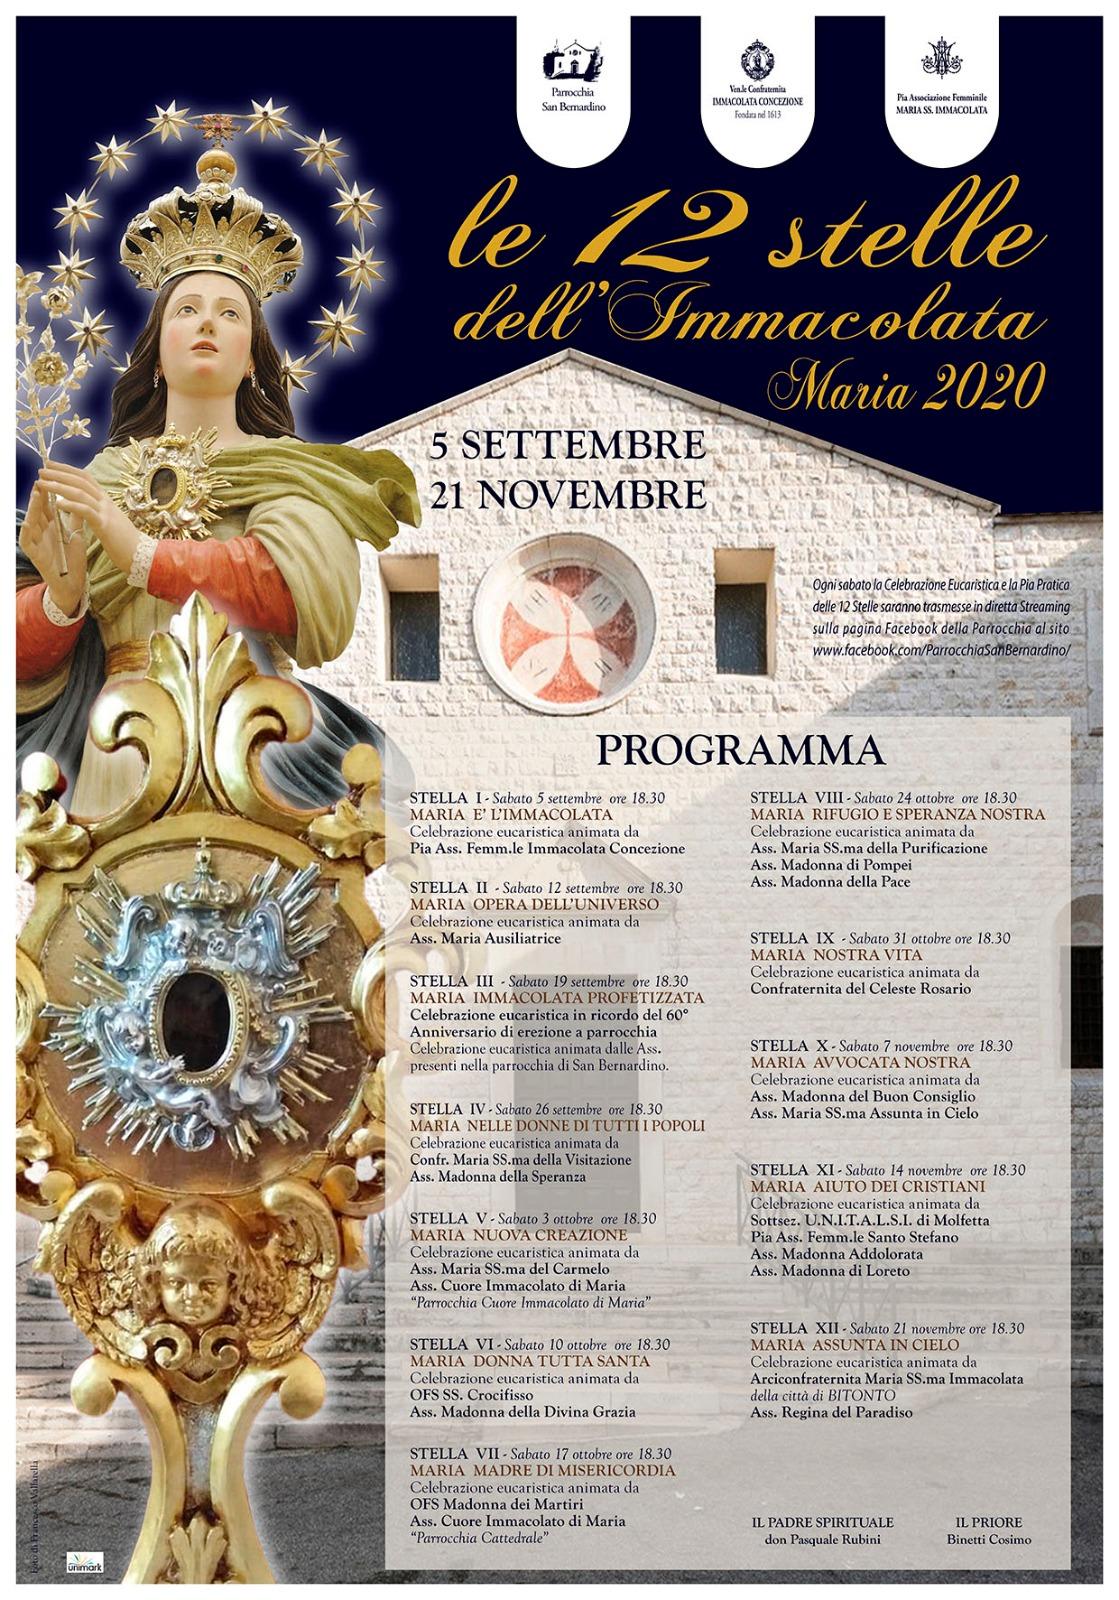 dodici stelle immacolata 2020 - programma completo parrocchia san bernardino molfetta